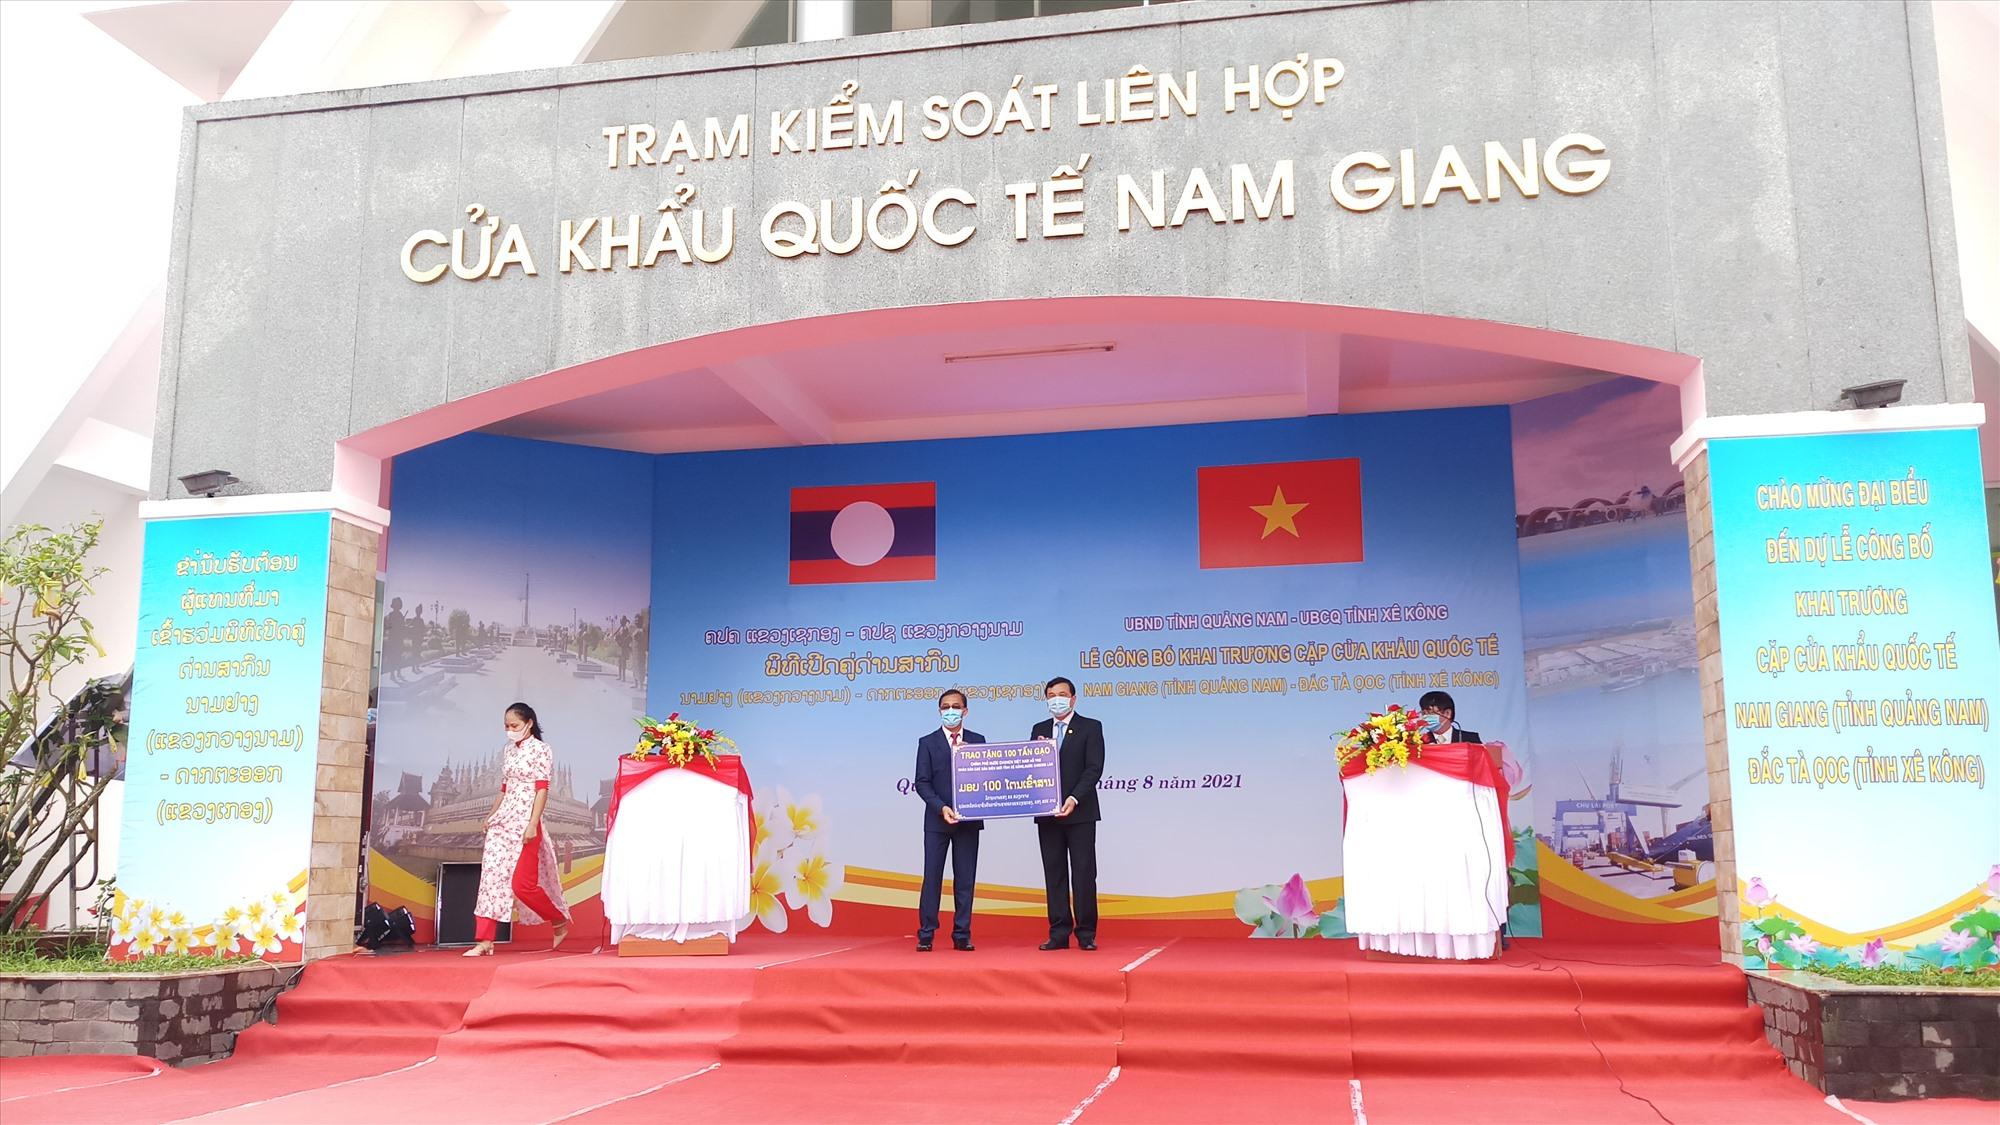 Bí thư Tỉnh ủy Phan Việt Cường trao bảng tượng trưng 100 tấn gạo hỗ trợ người dân Sê Kông. Ảnh: A.N